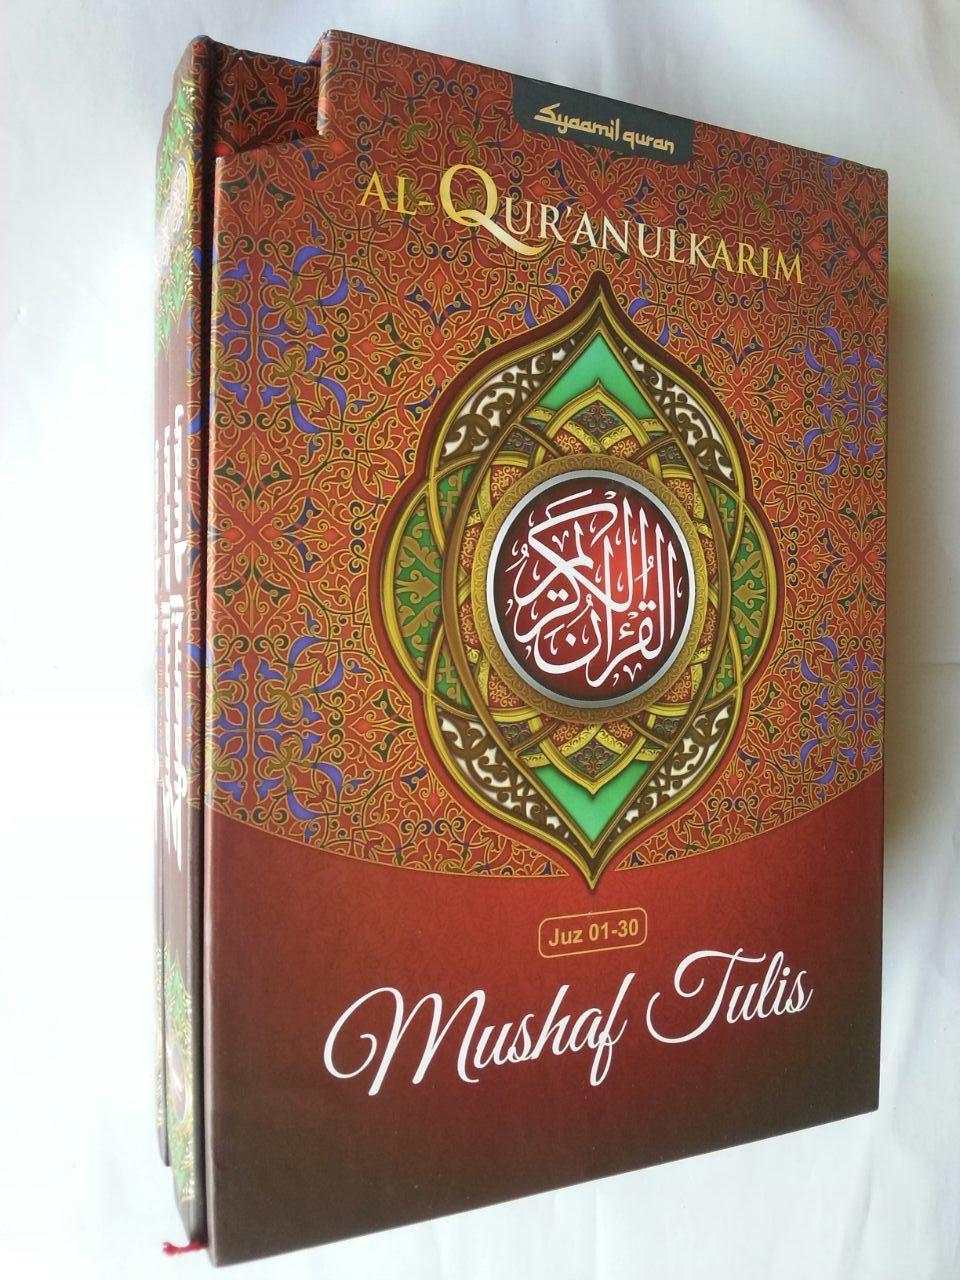 Al-Qur'anul Karim Mushaf Tulis 30 Juz 3 Jilid Ukuran B5 cover 5